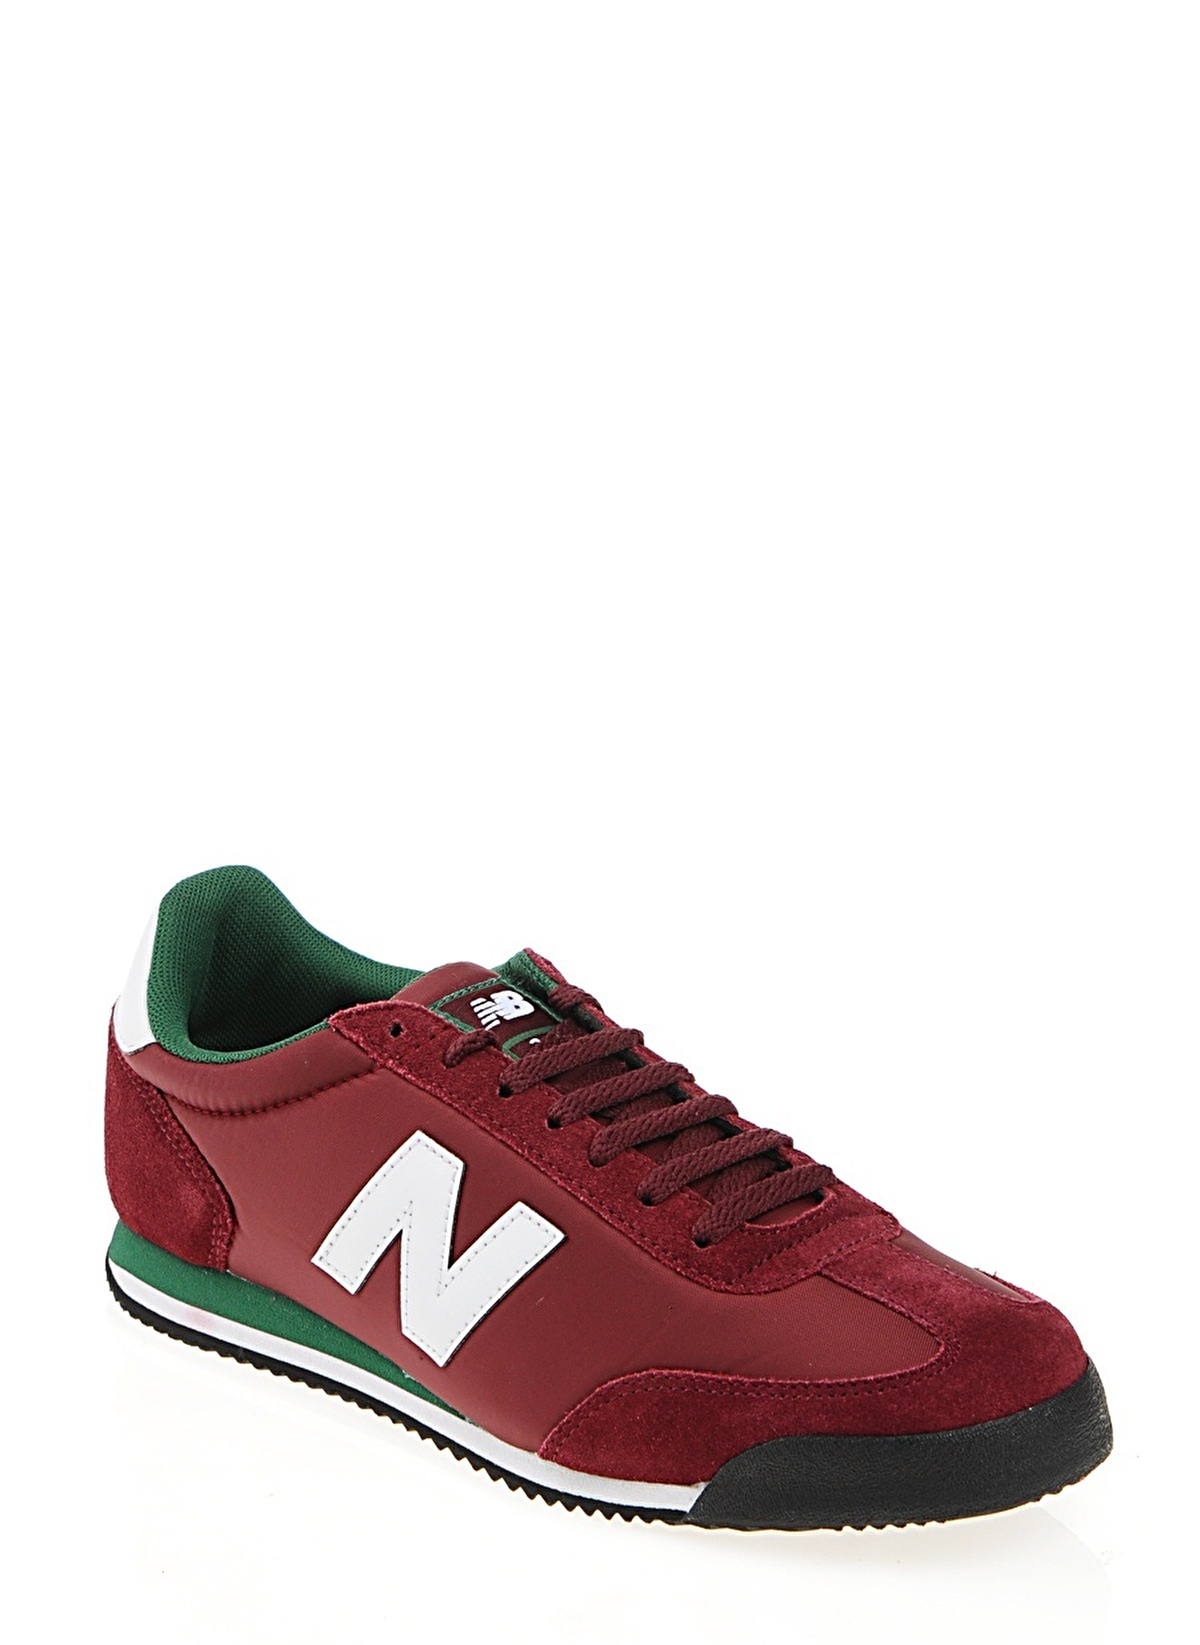 New Balance M360 Erkek Spor Ayakkabı